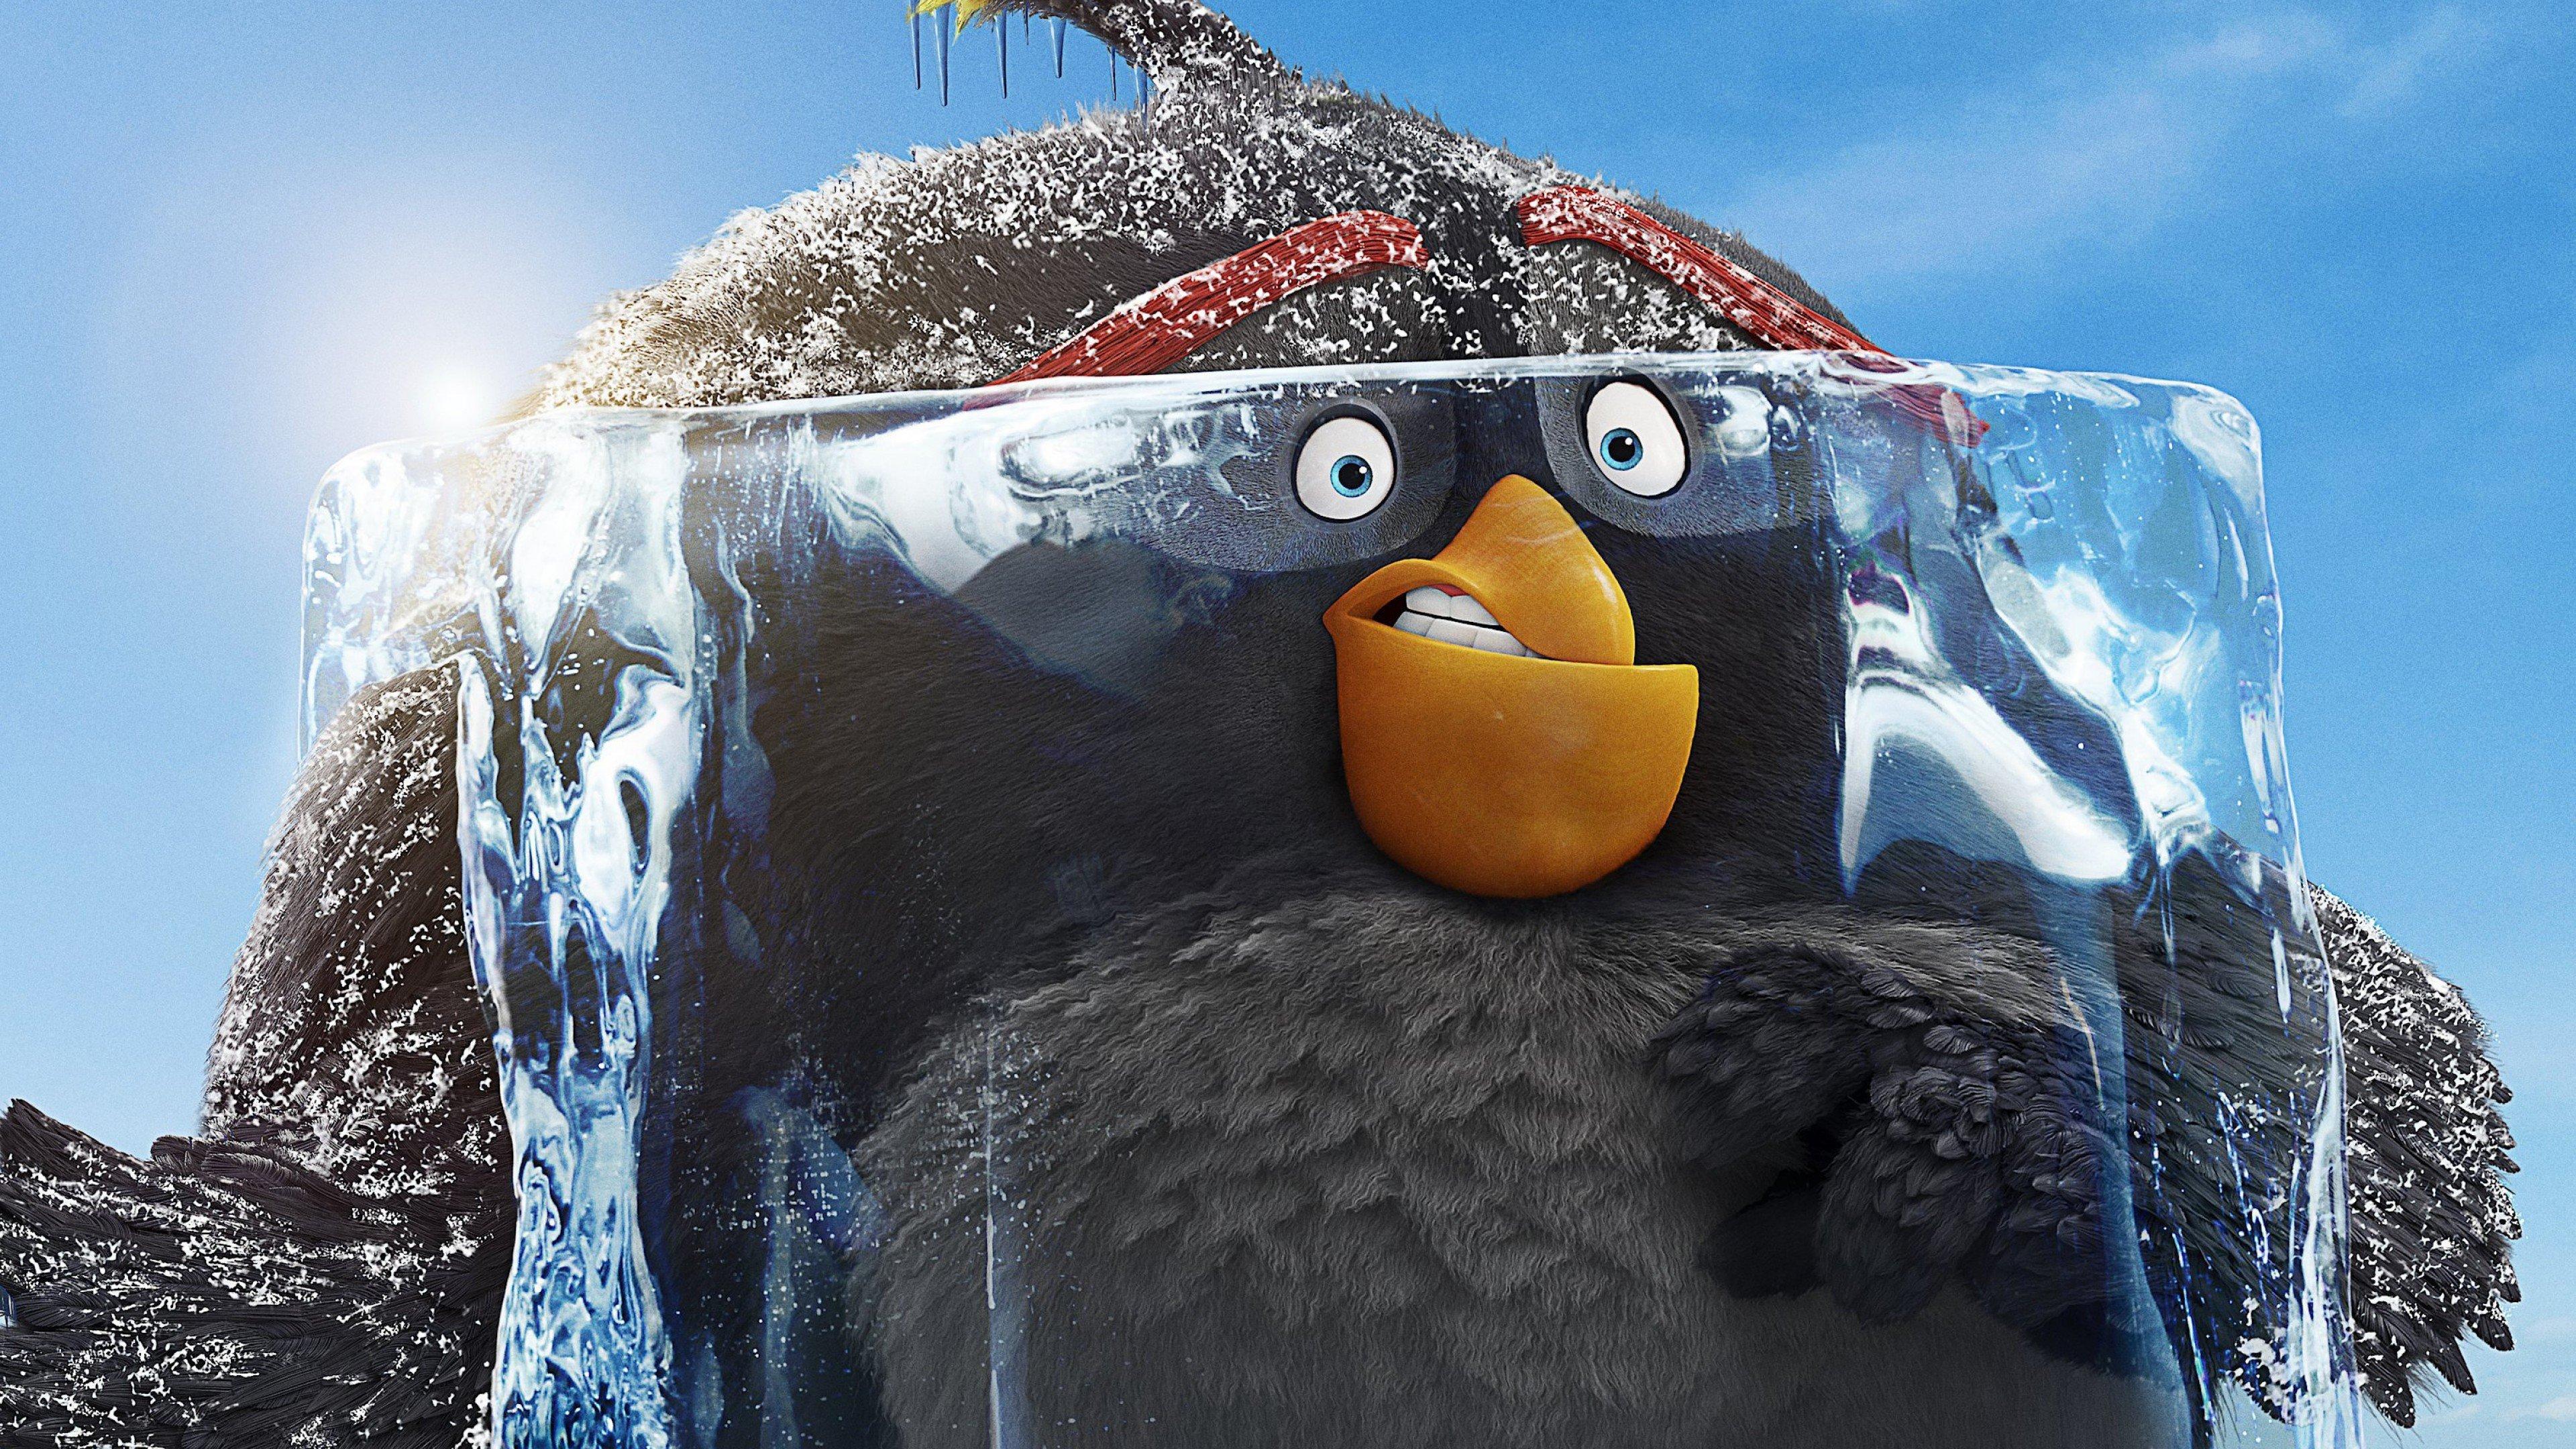 Fondos de pantalla Angry Birds 2 La película